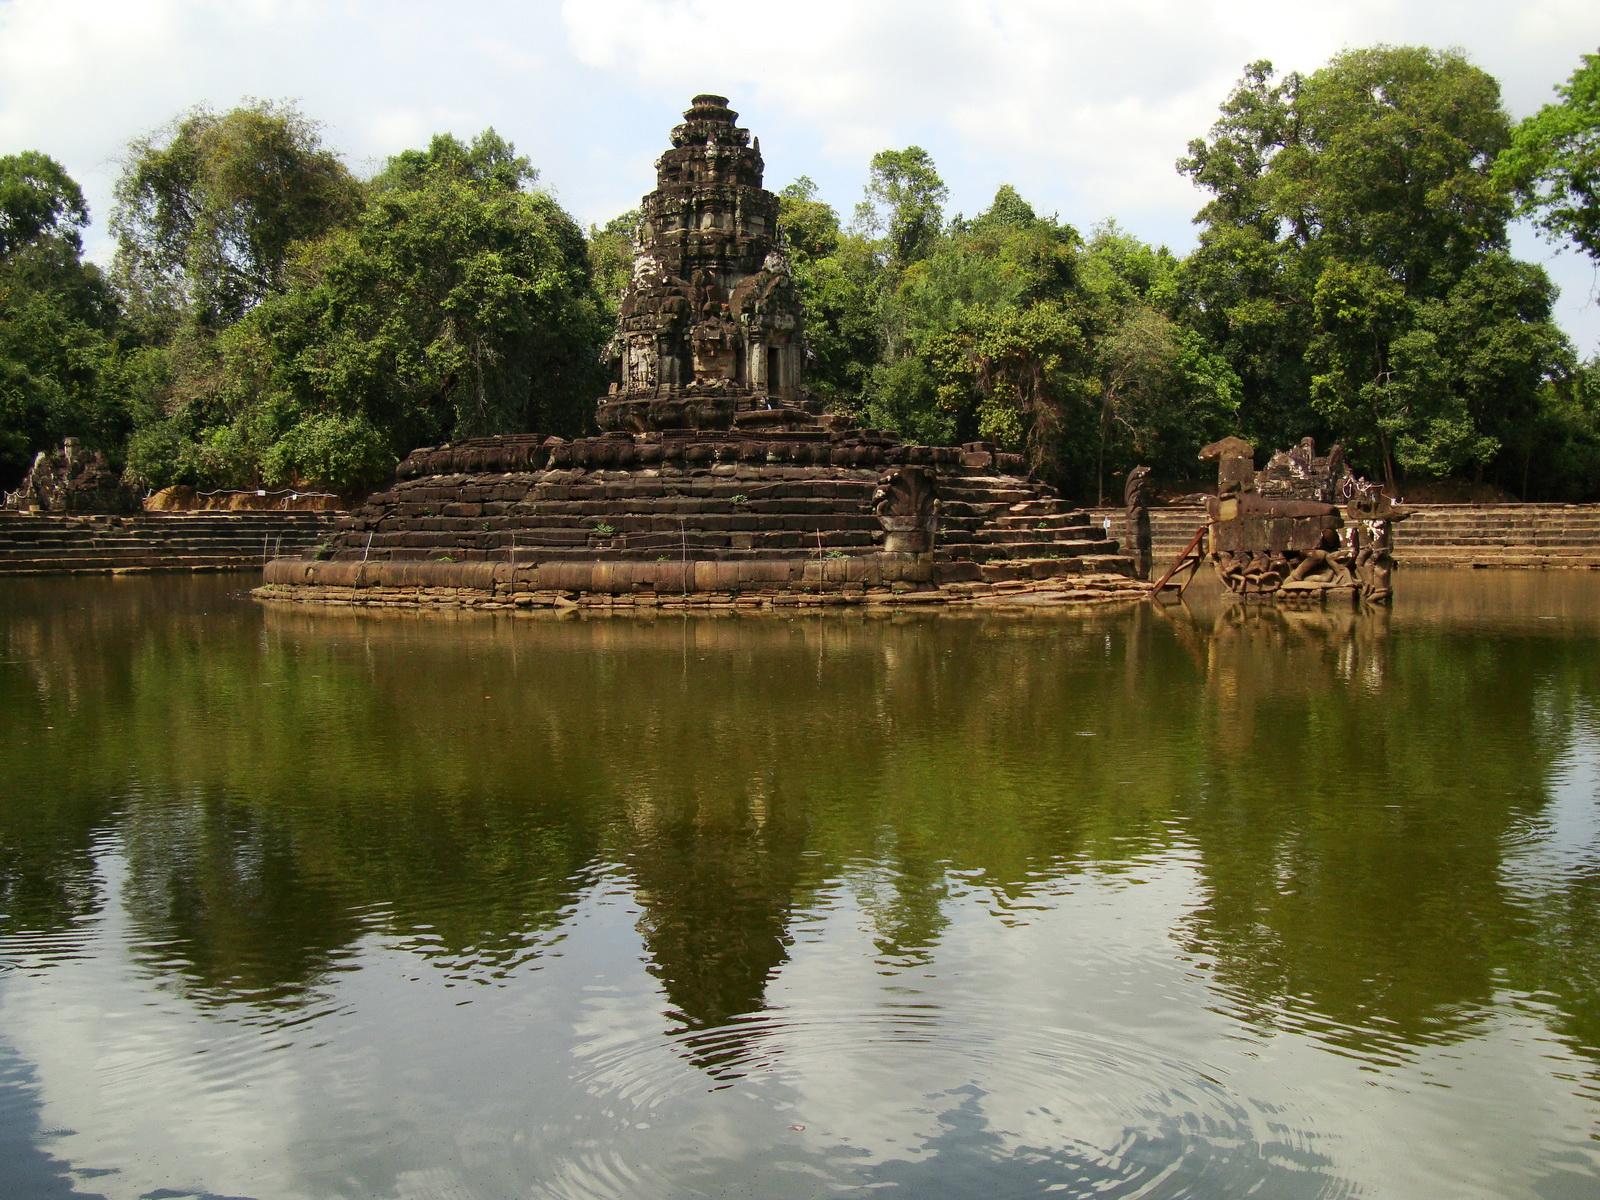 Neak Pean Temple Jaya Tadaka artificial lake Jan 2010 06